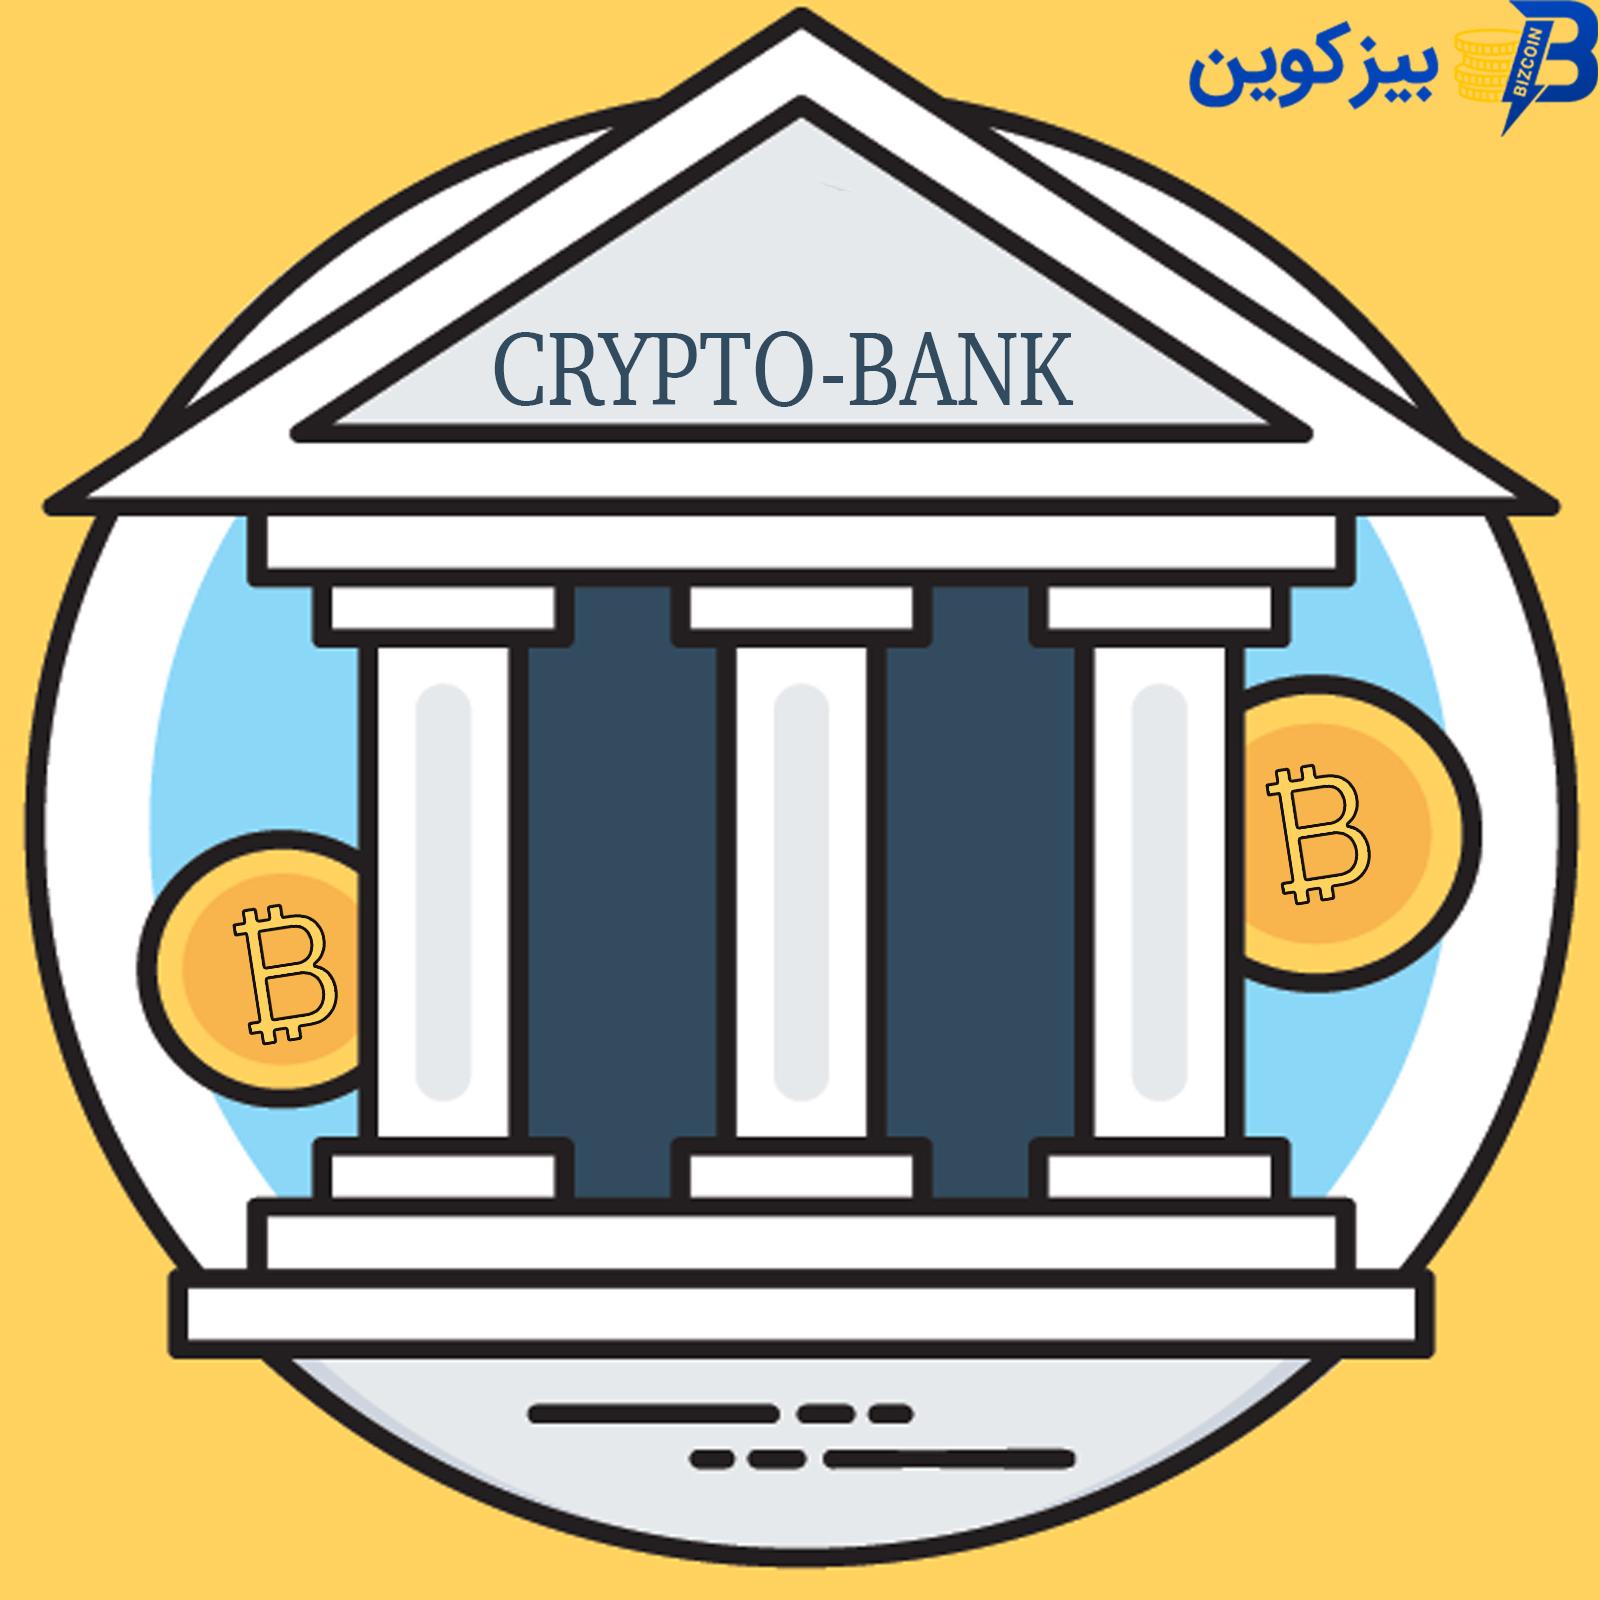 bank cryptocurrency مدیر عامل مورگان کریک می گوید ، جامعه بی بانک به دلیل رمزنگاری اجتناب ناپذیر است